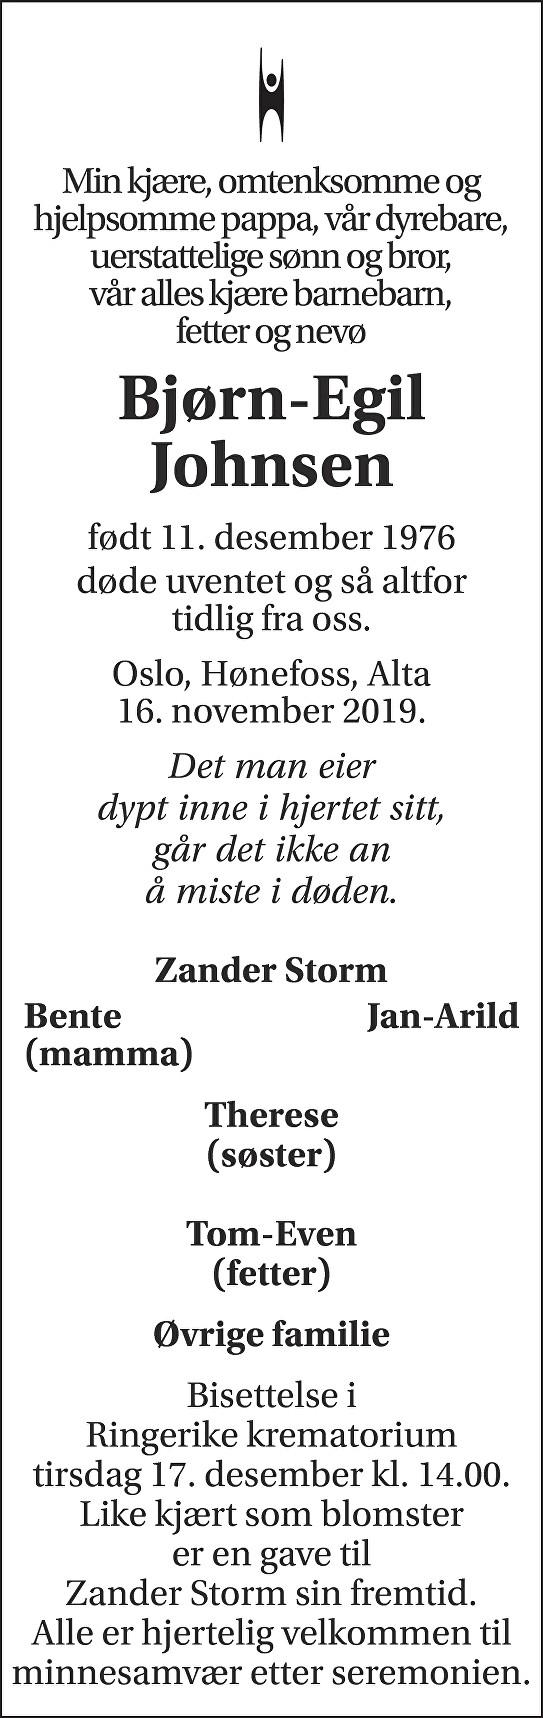 Bjørn-Egil  Johnsen Dødsannonse